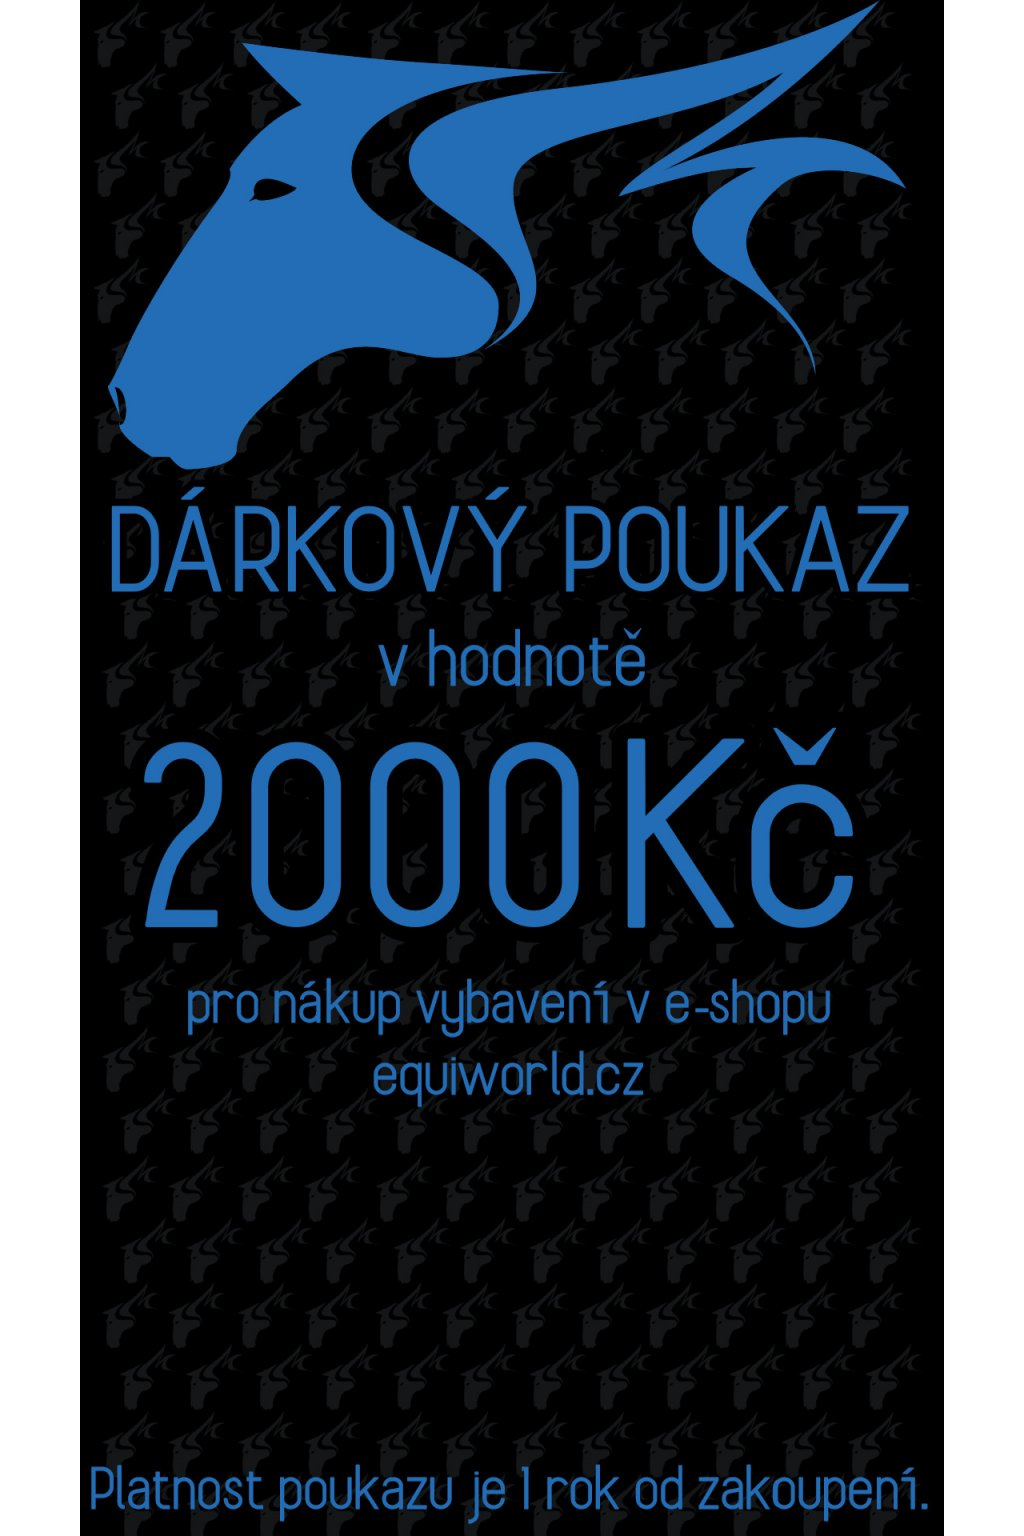 poukaz2000